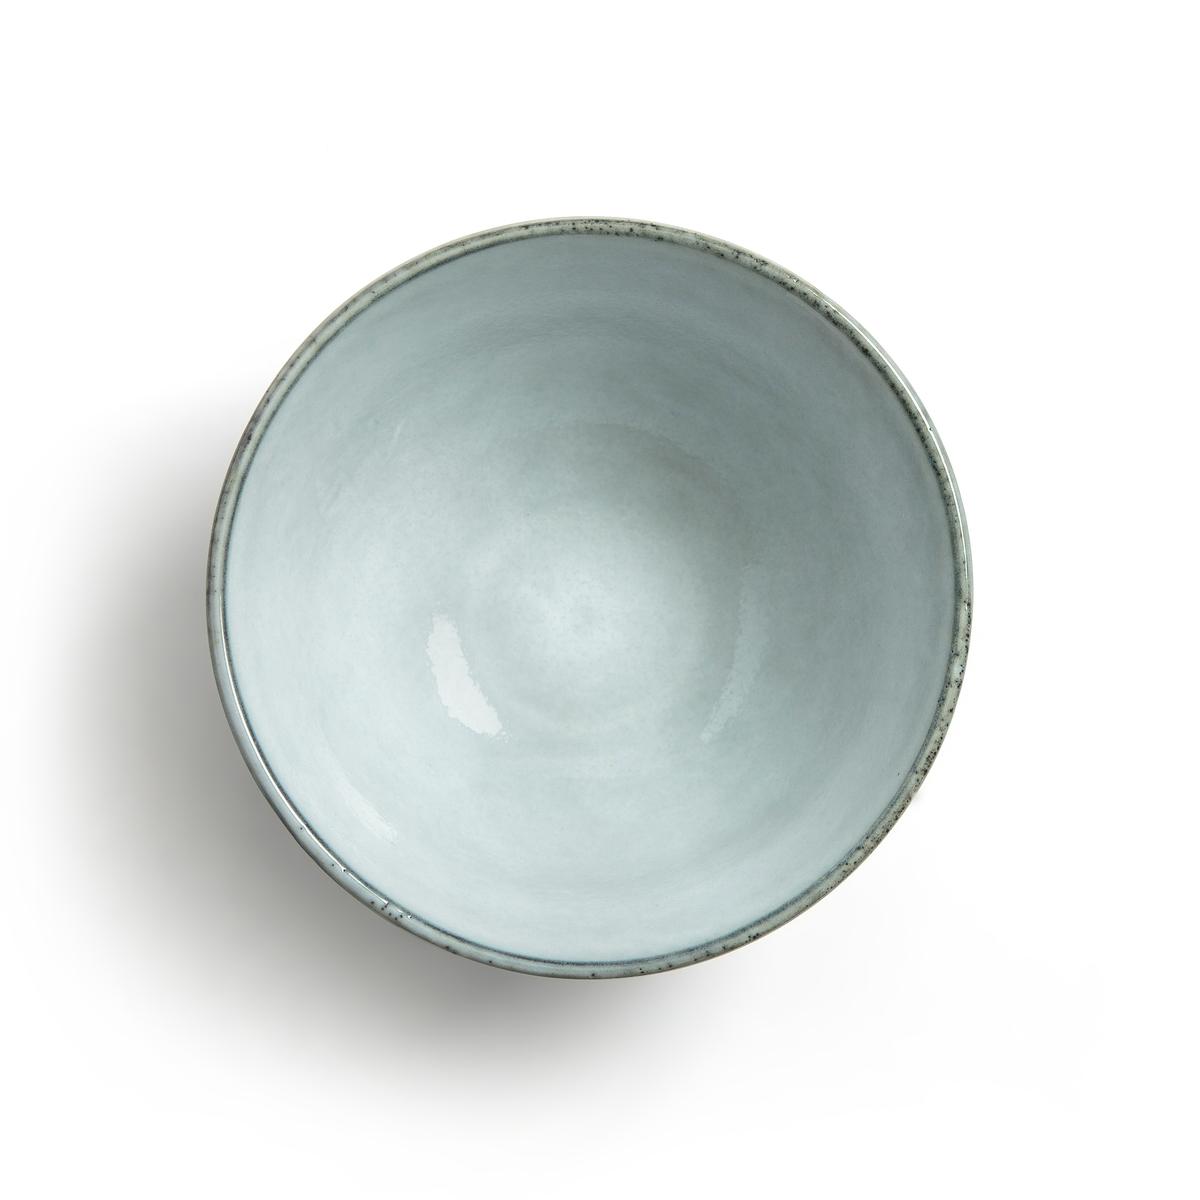 2 пиалы для чая эмалированные, Friselis2 пиалы Friselis . Чайные пиалы в восточном стиле, которые можно использовать также для подачи аперитива или десерта  . Отделка с кракелюрами вносит нотку аутентичности и шарма .Характеристики : - Из эмалированной керамики с отделкой кракелюрами - Можно использовать в посудомоечных машинах и микроволновых печах- Продаются в черном сундучке Размеры :- ?12 x Выс6 см<br><br>Цвет: серый